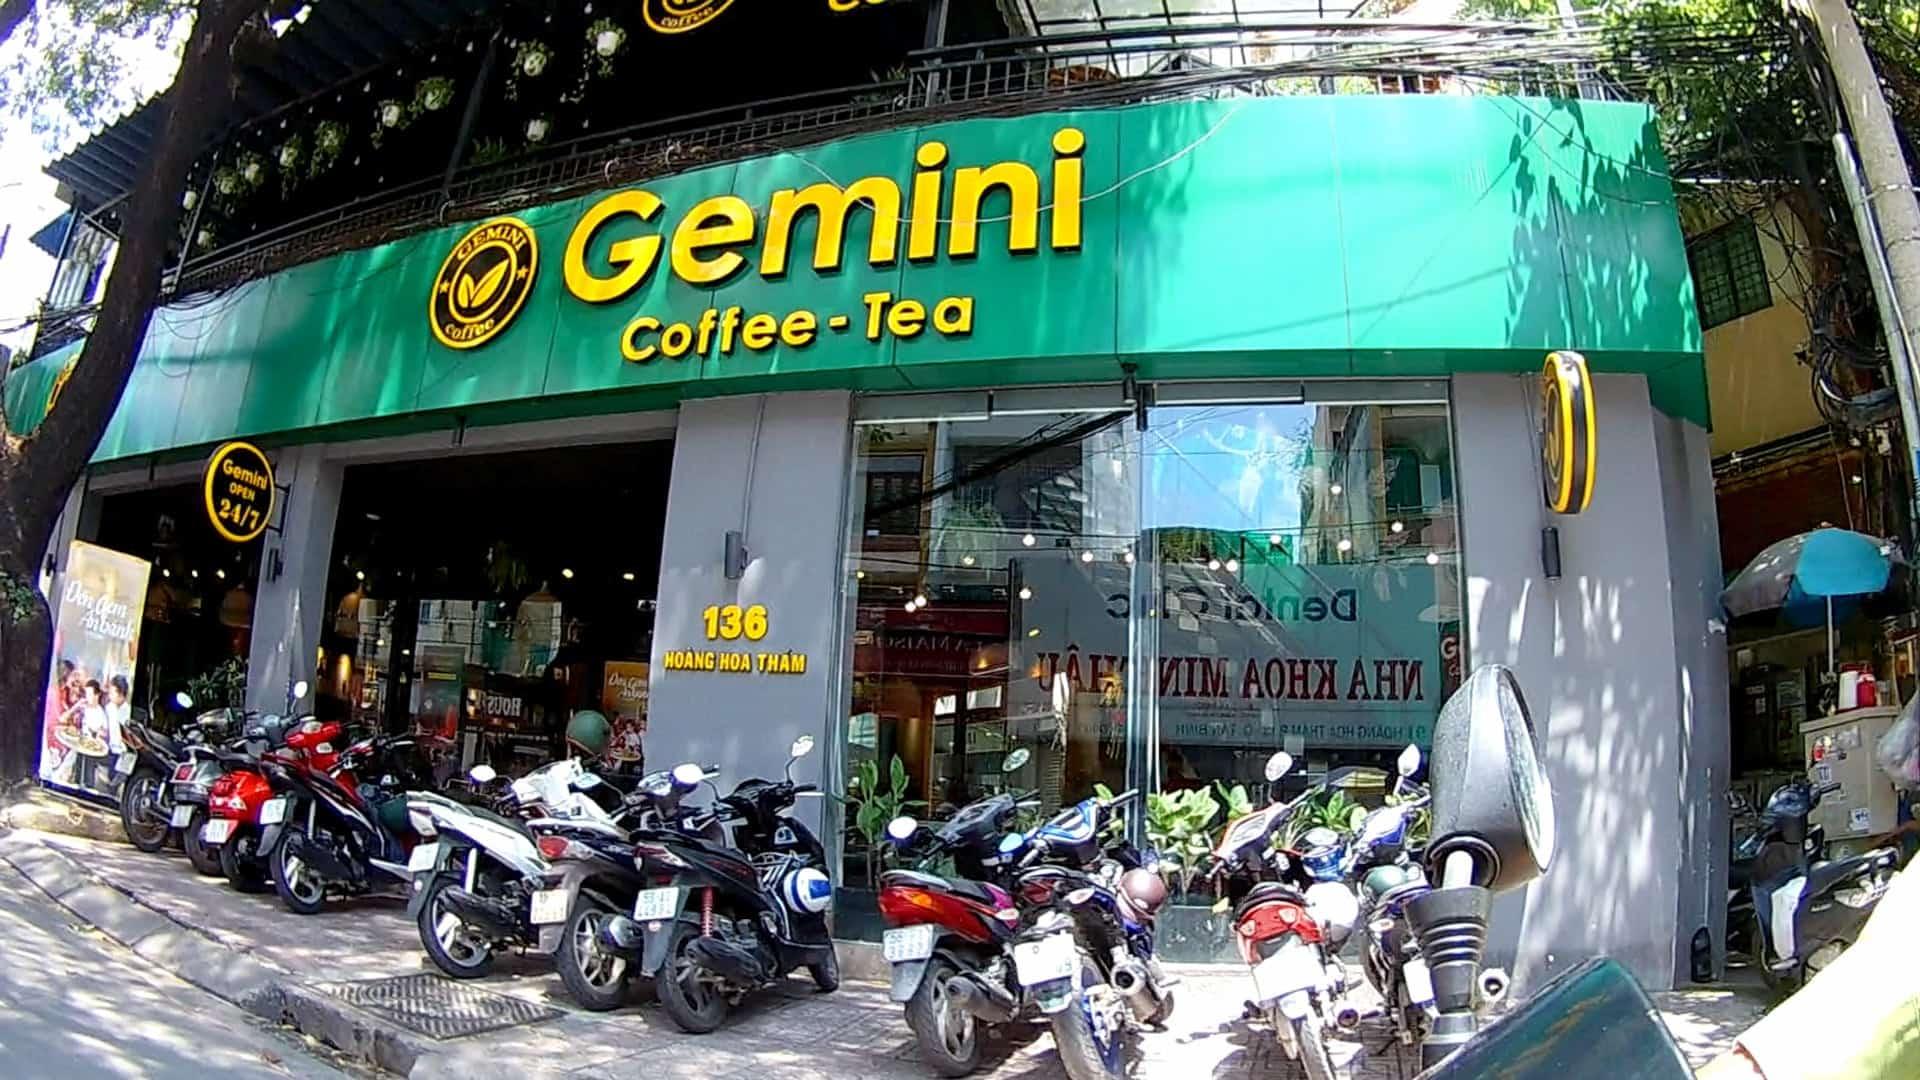 nhượng quyền cafe gemini coffee